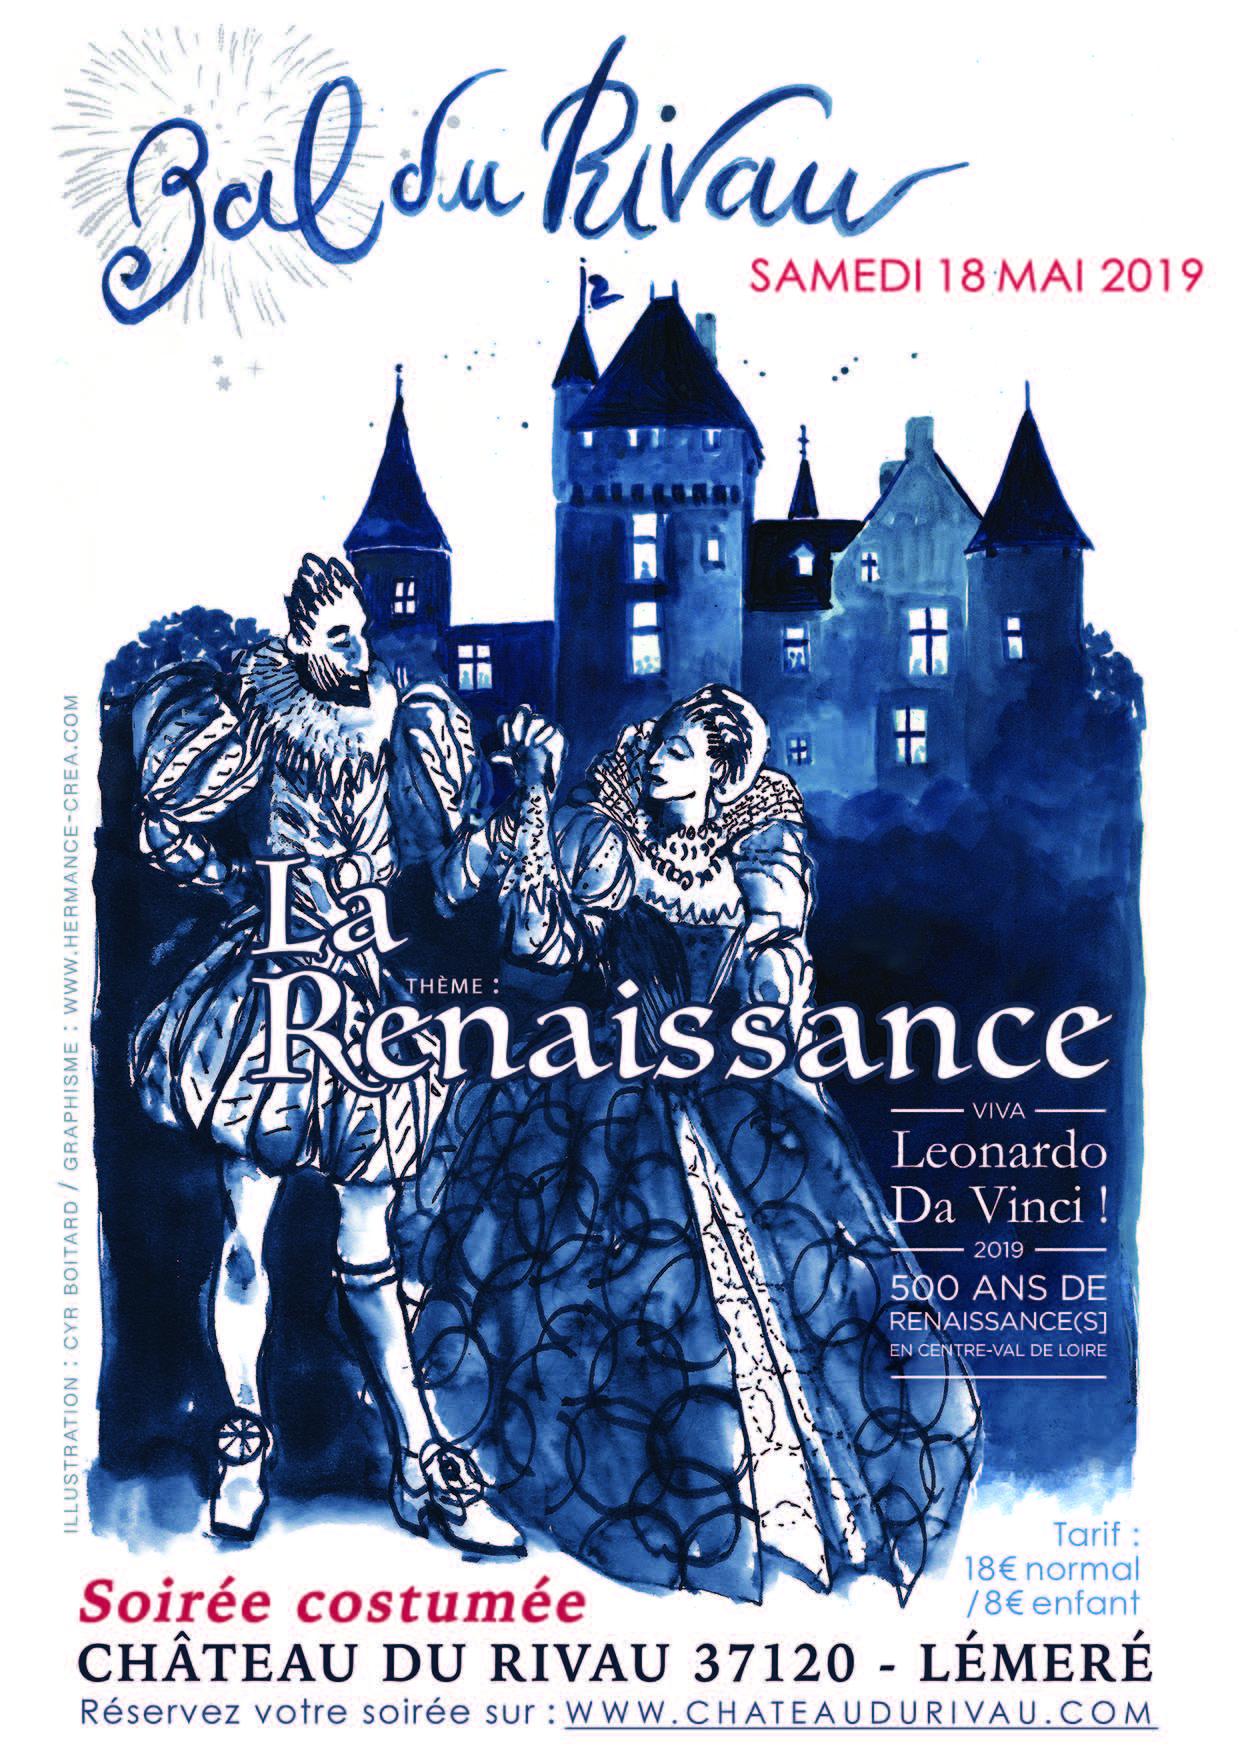 Affiche du bal du Rivau 2019